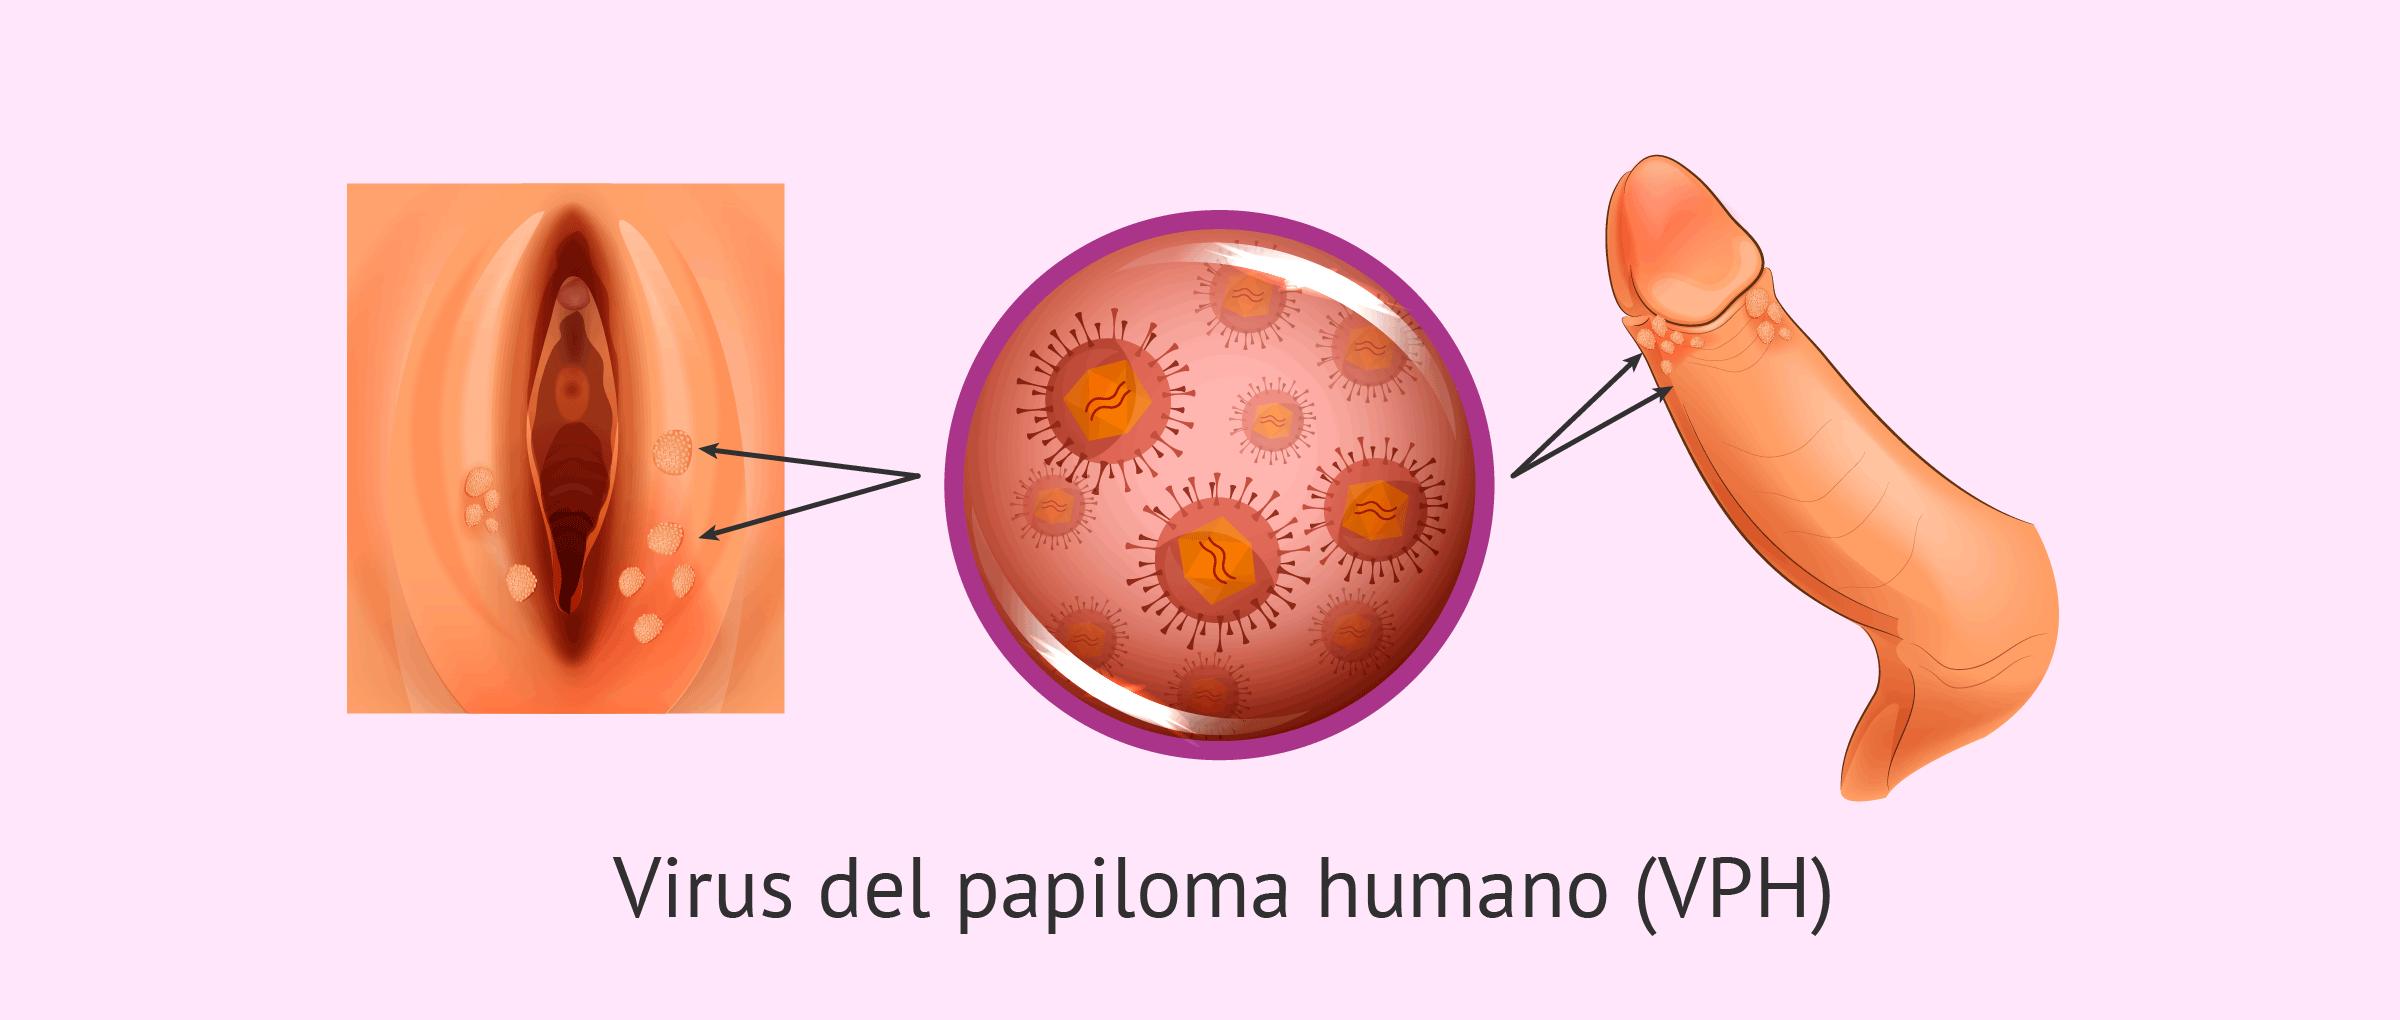 que es papiloma pancreatic cancer uk